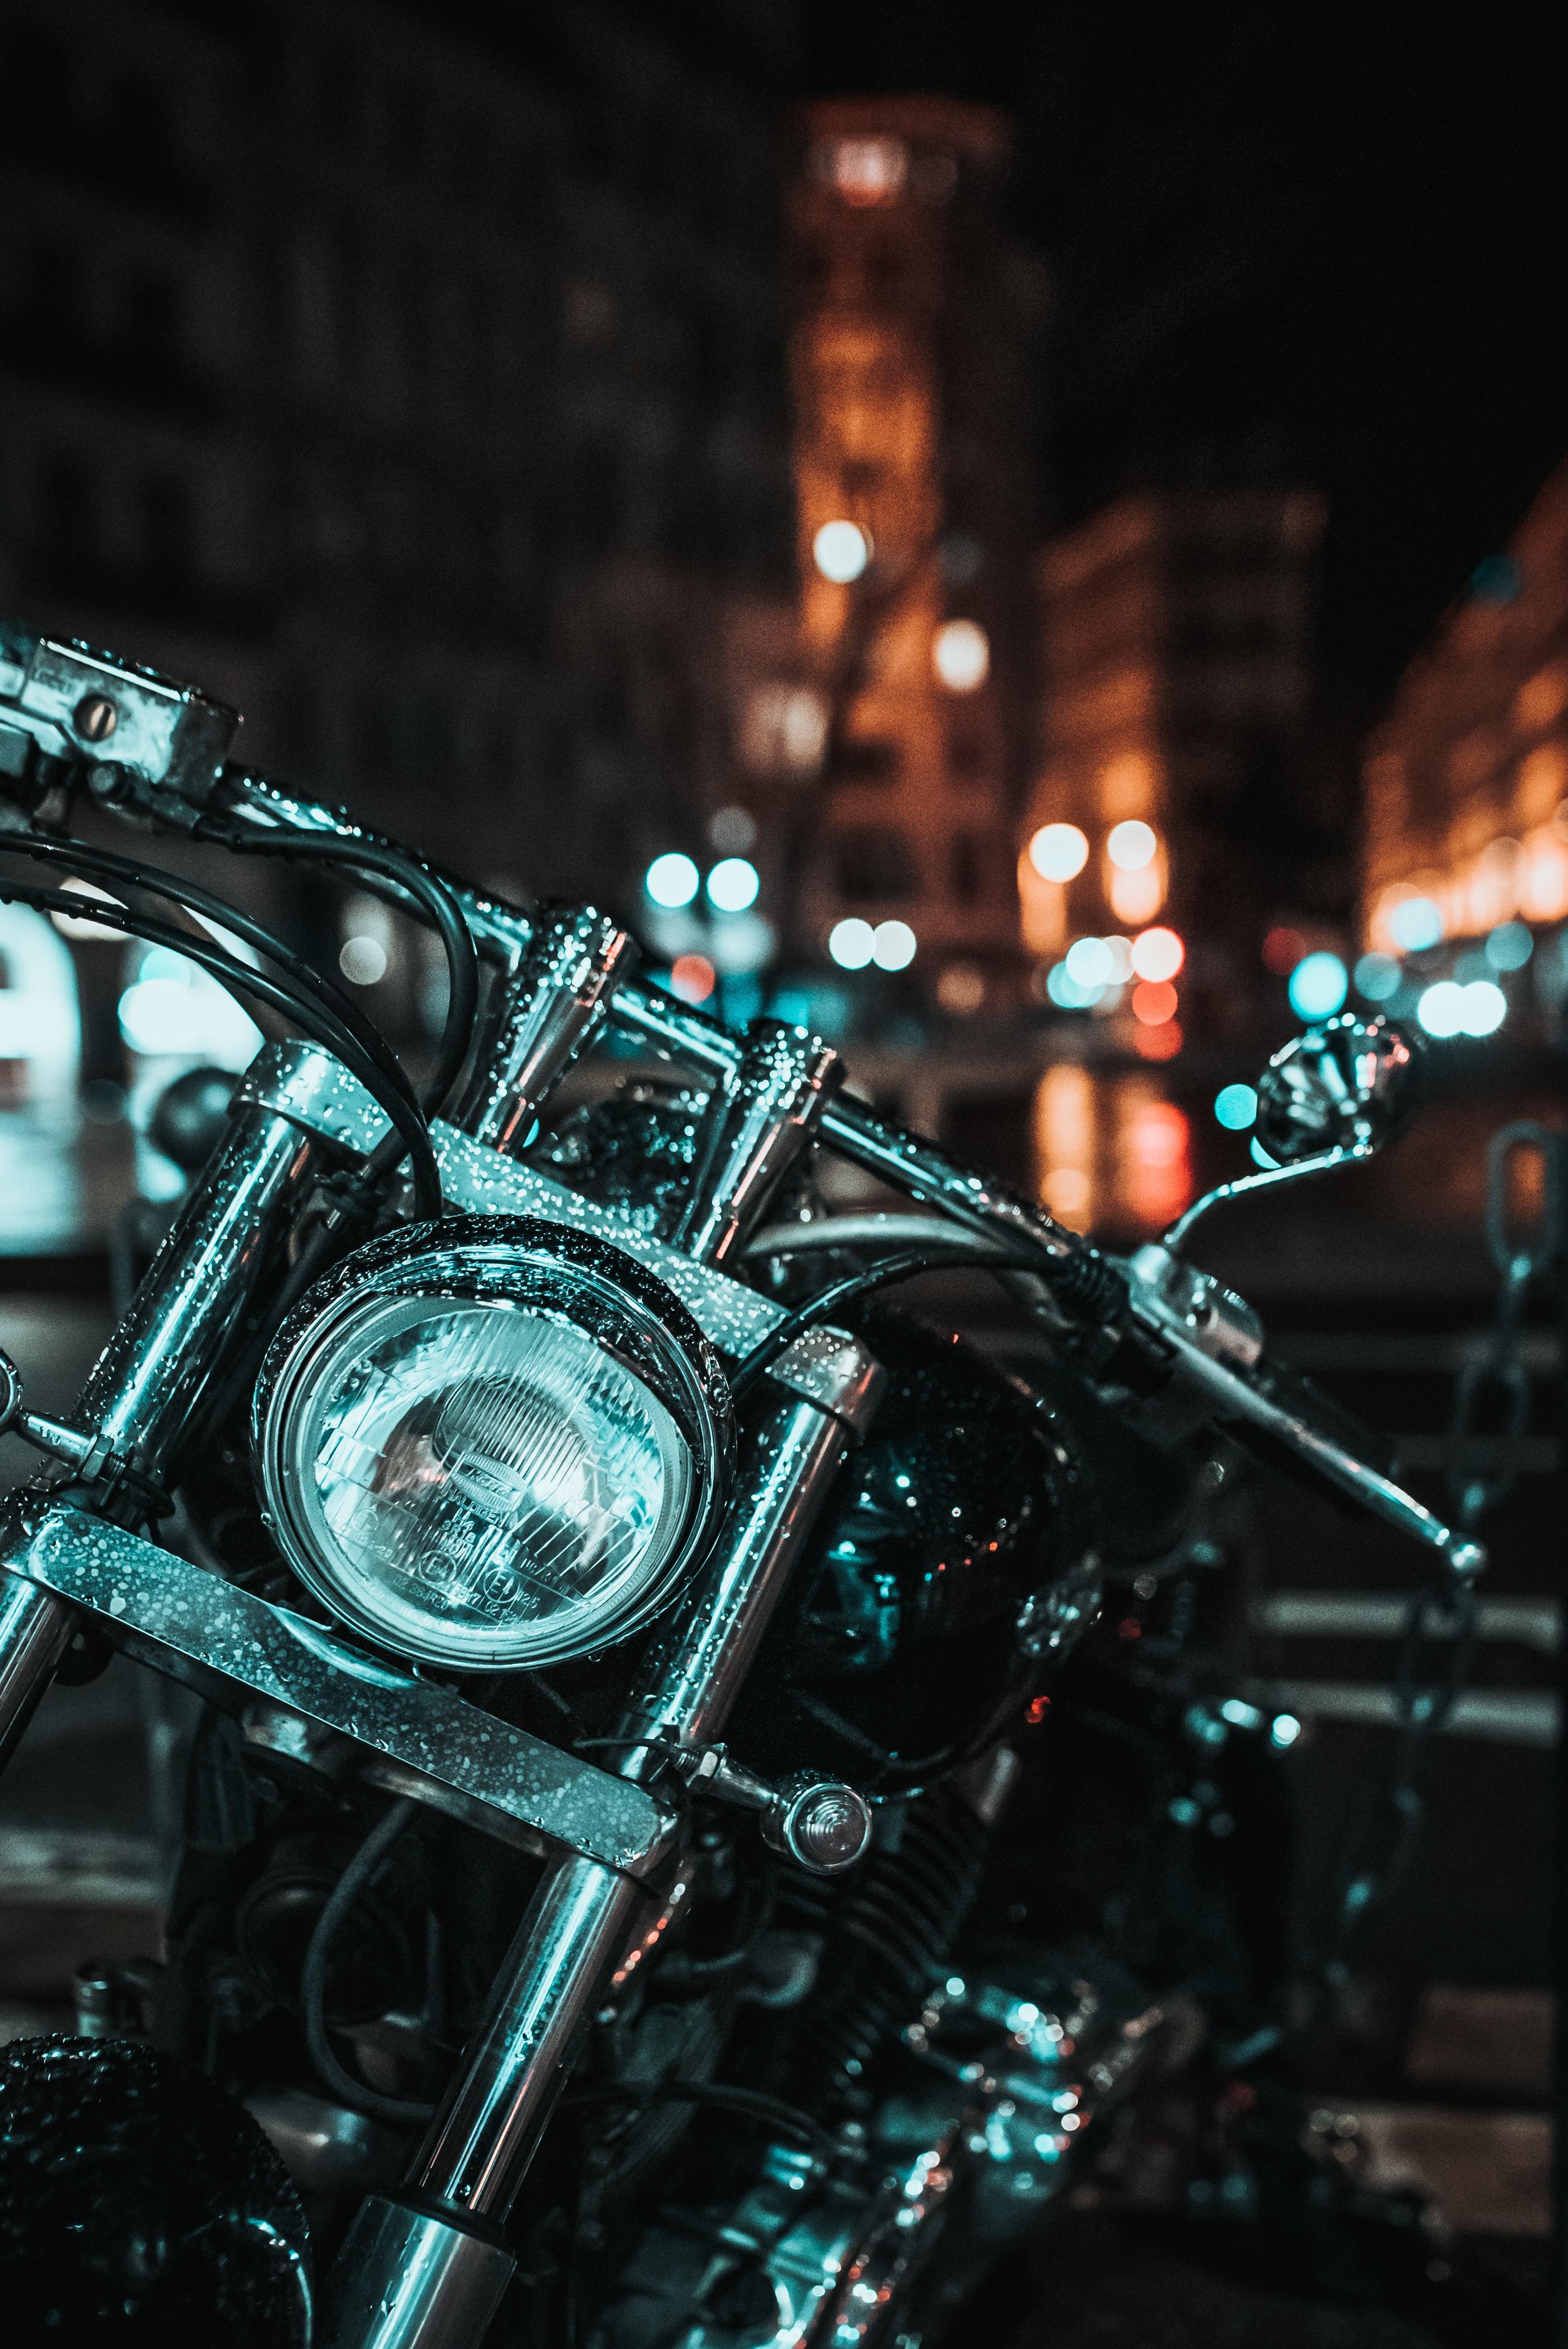 56045 скачать обои Мотоциклы, Мотоцикл, Руль, Фара, Капли - заставки и картинки бесплатно